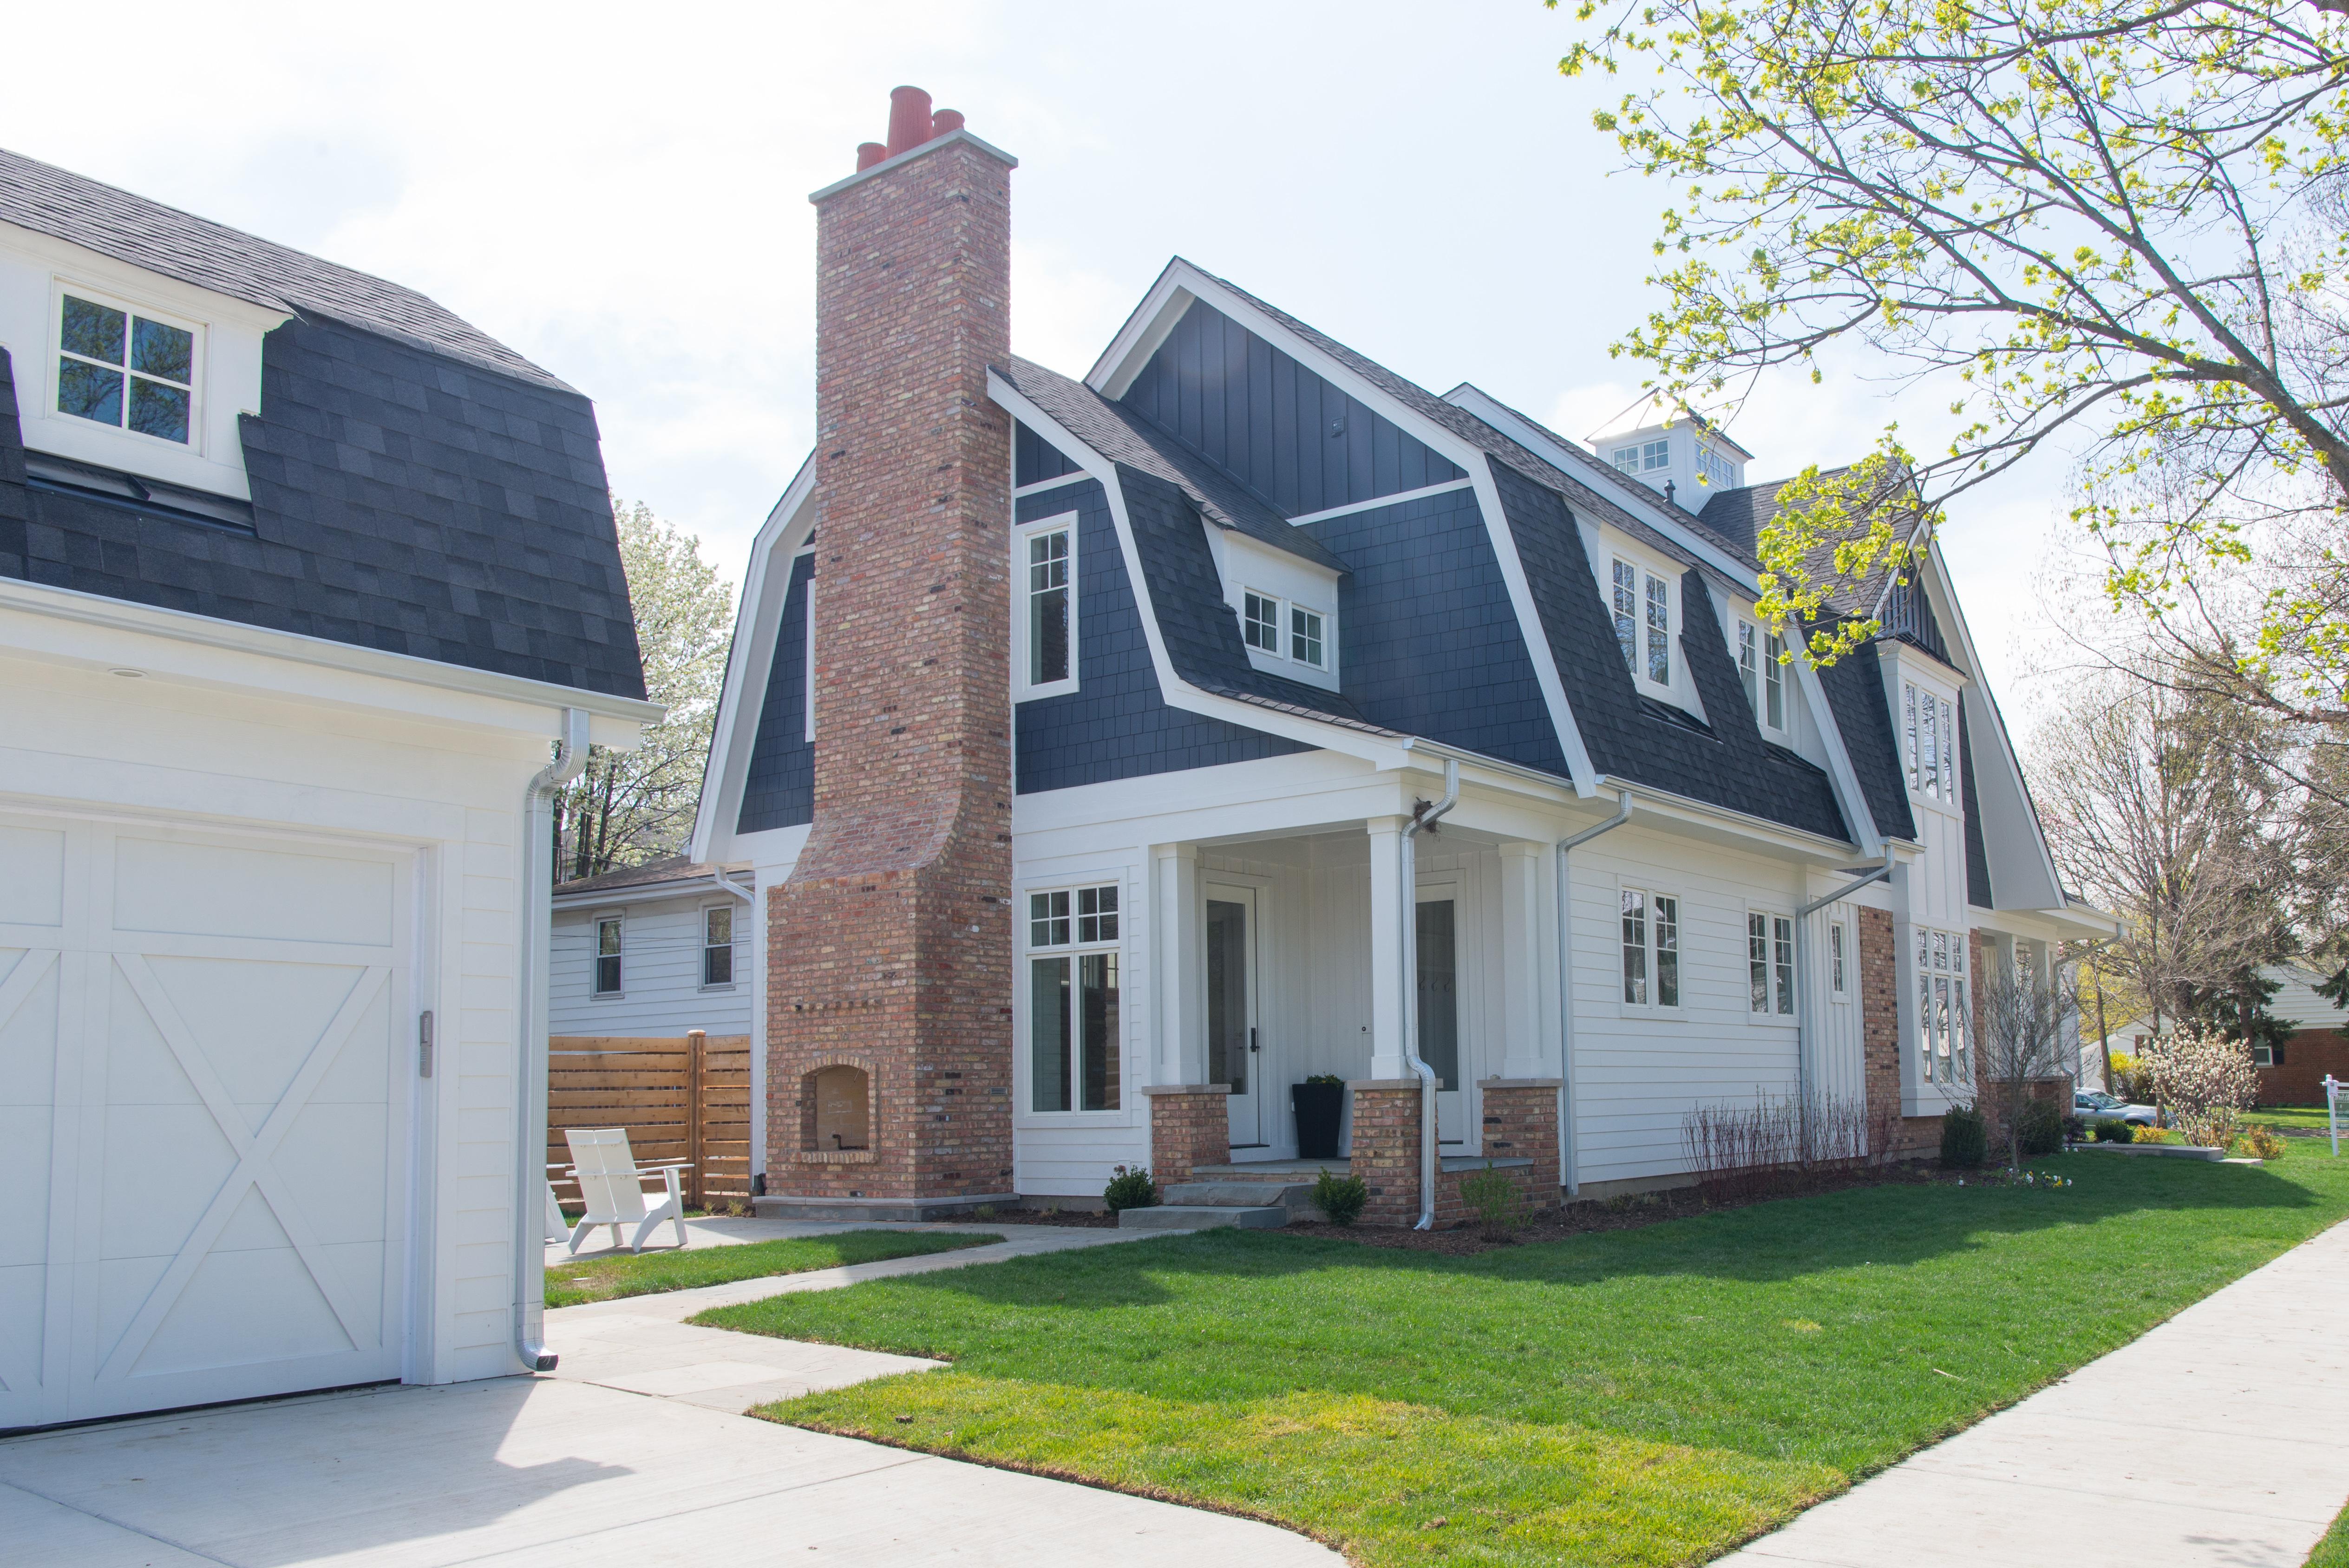 401 S. Peck, La Grange, IL